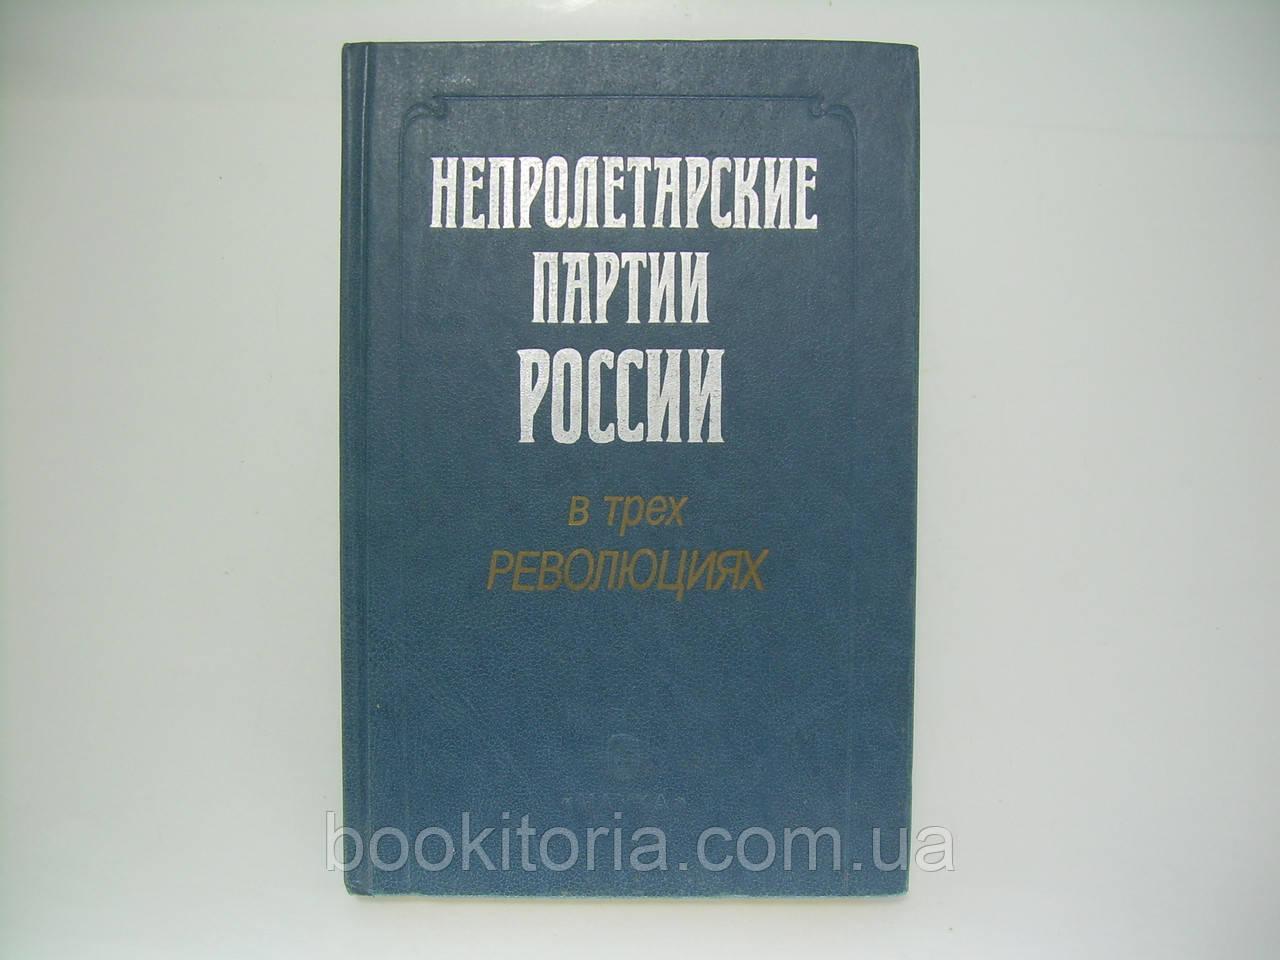 Непролетарские партии России (в трех революциях) (б/у).